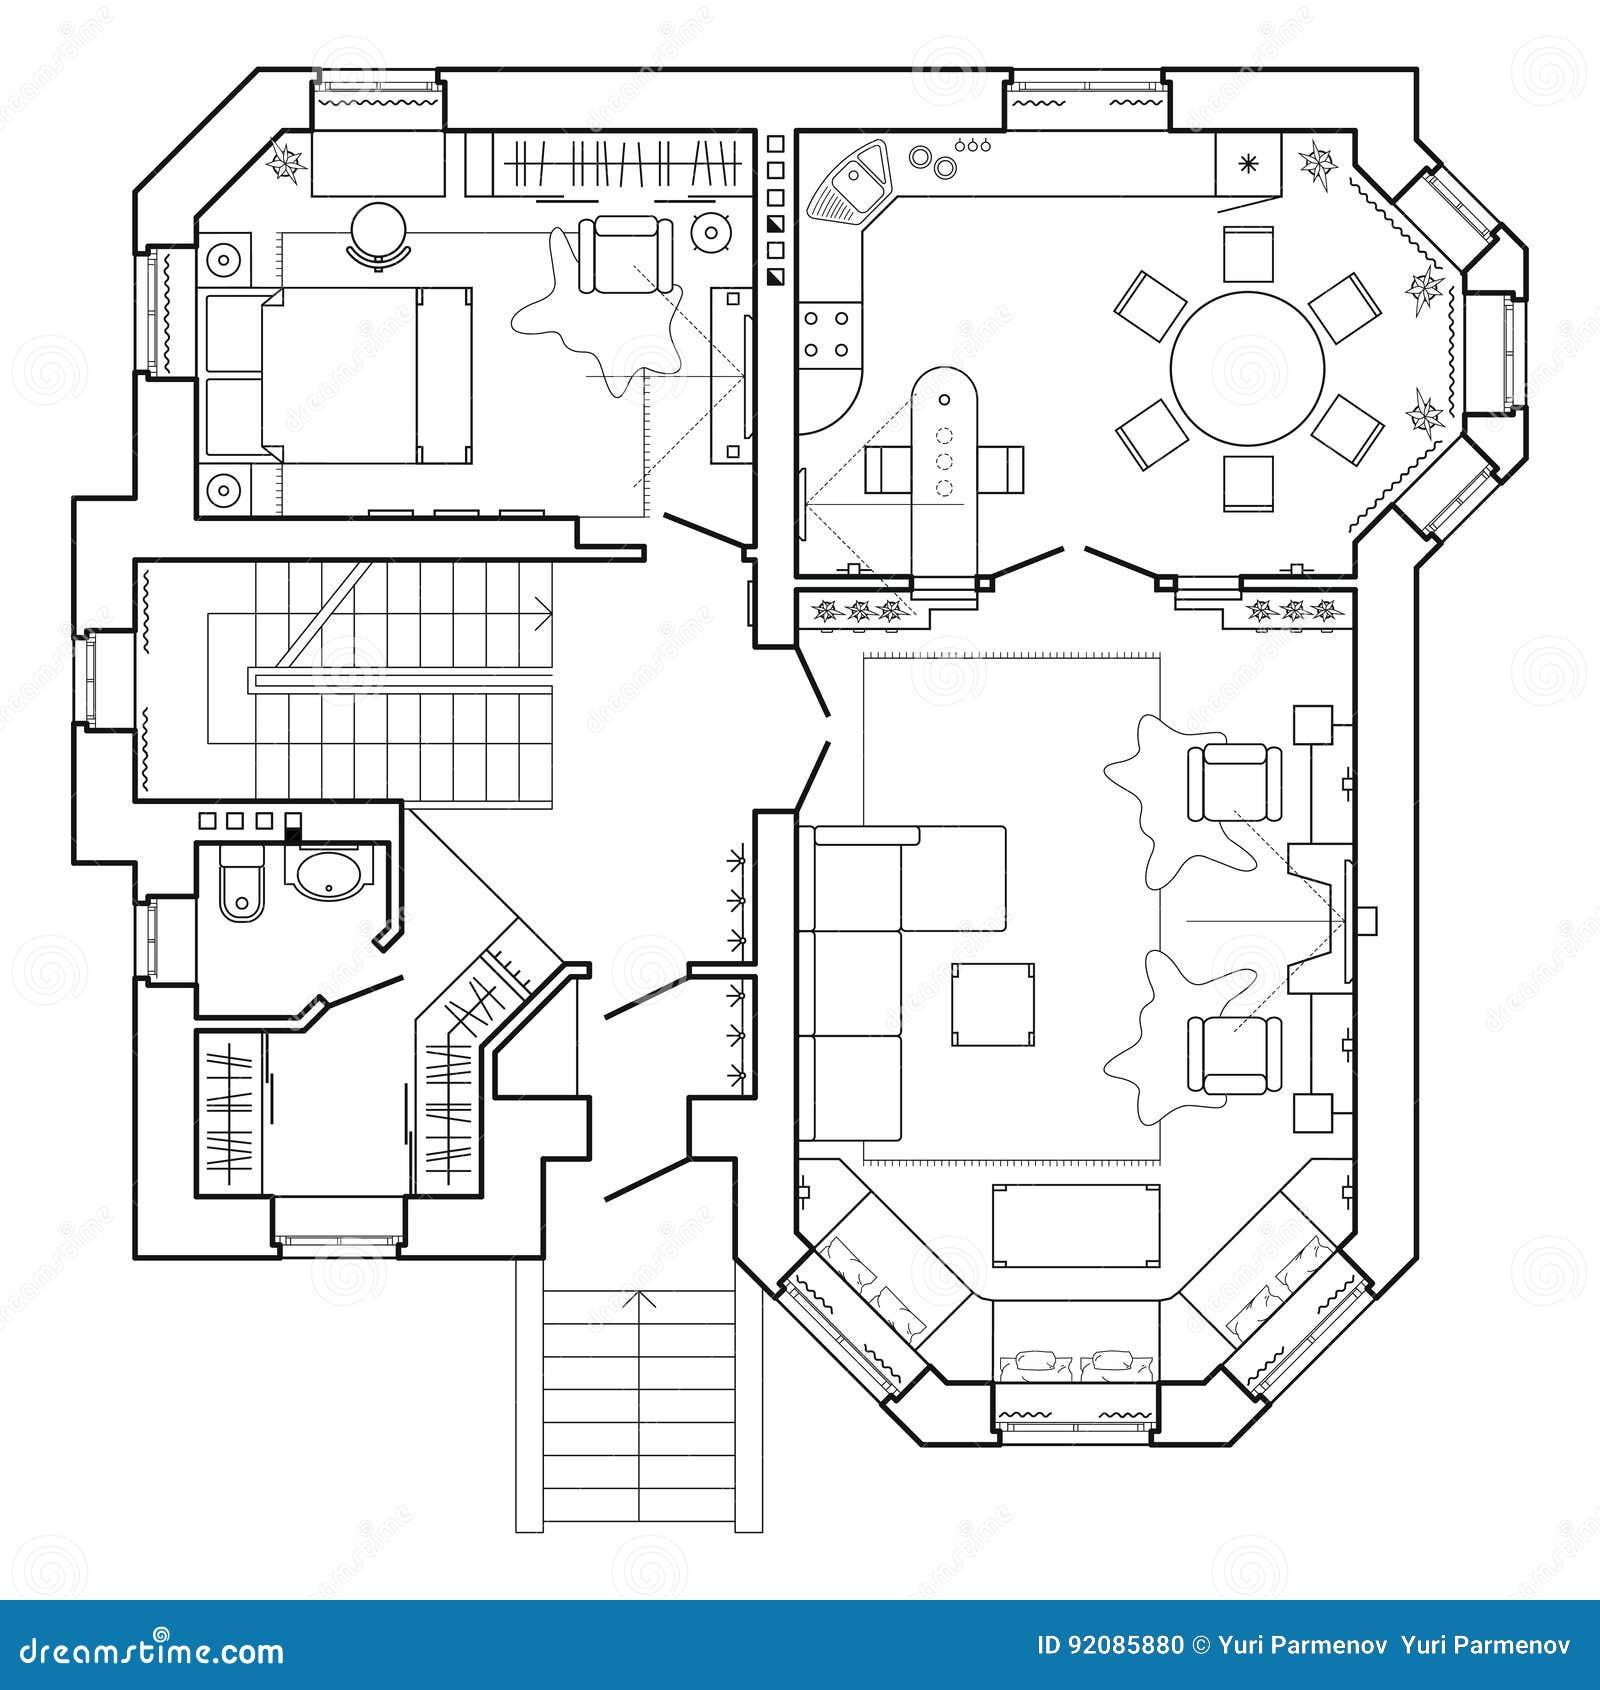 Γραπτό αρχιτεκτονικό σχέδιο ενός σπιτιού Σχεδιάγραμμα του διαμερίσματος με τα έπιπλα κατά την άποψη σχεδίων